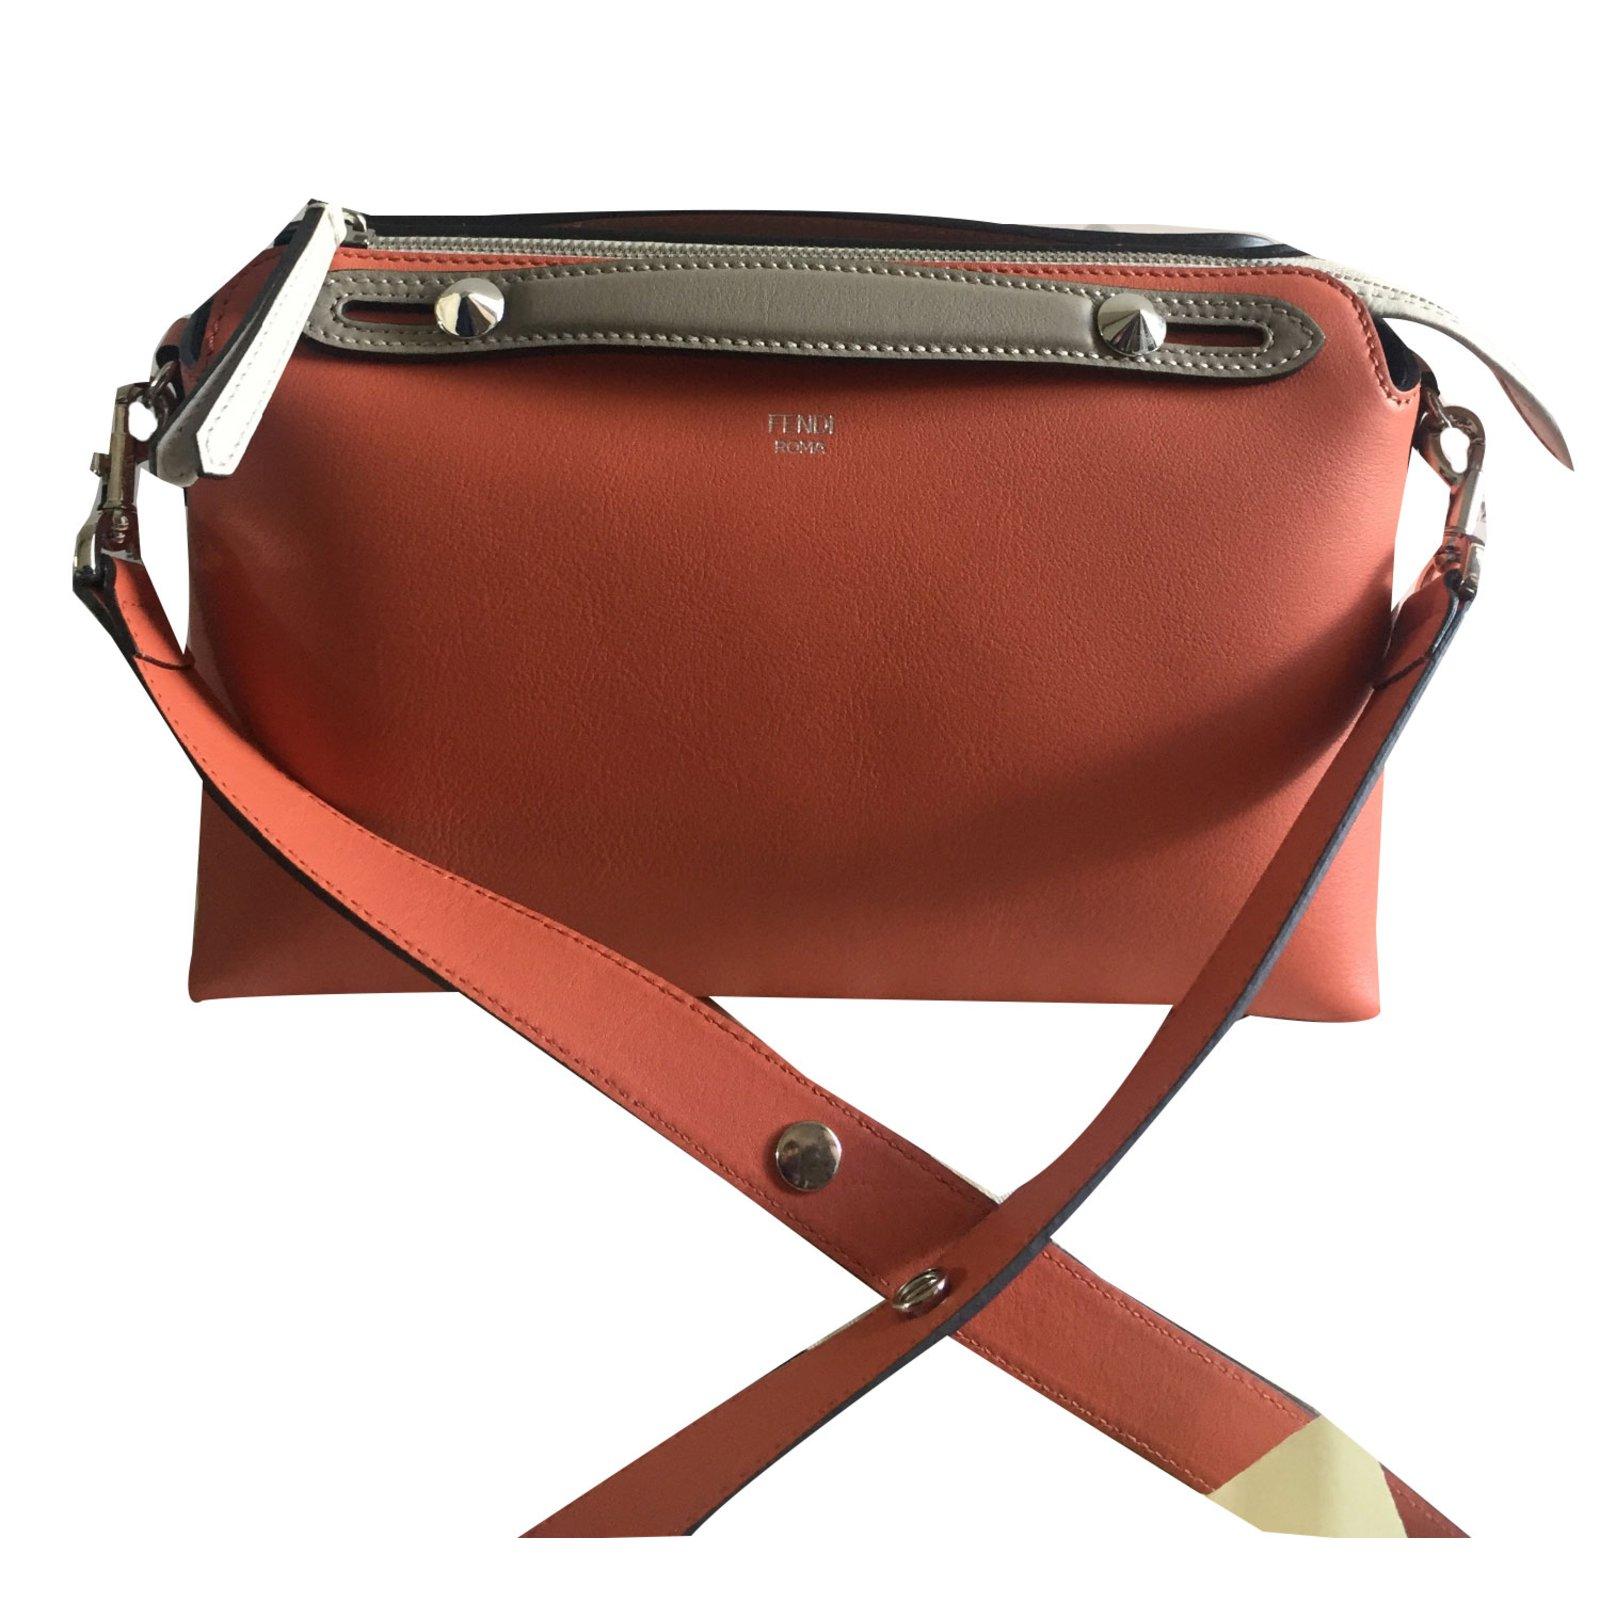 2036c7e8f67e Fendi Bauletto by the way fendi bicolor Handbags Leather Pink ref.32703